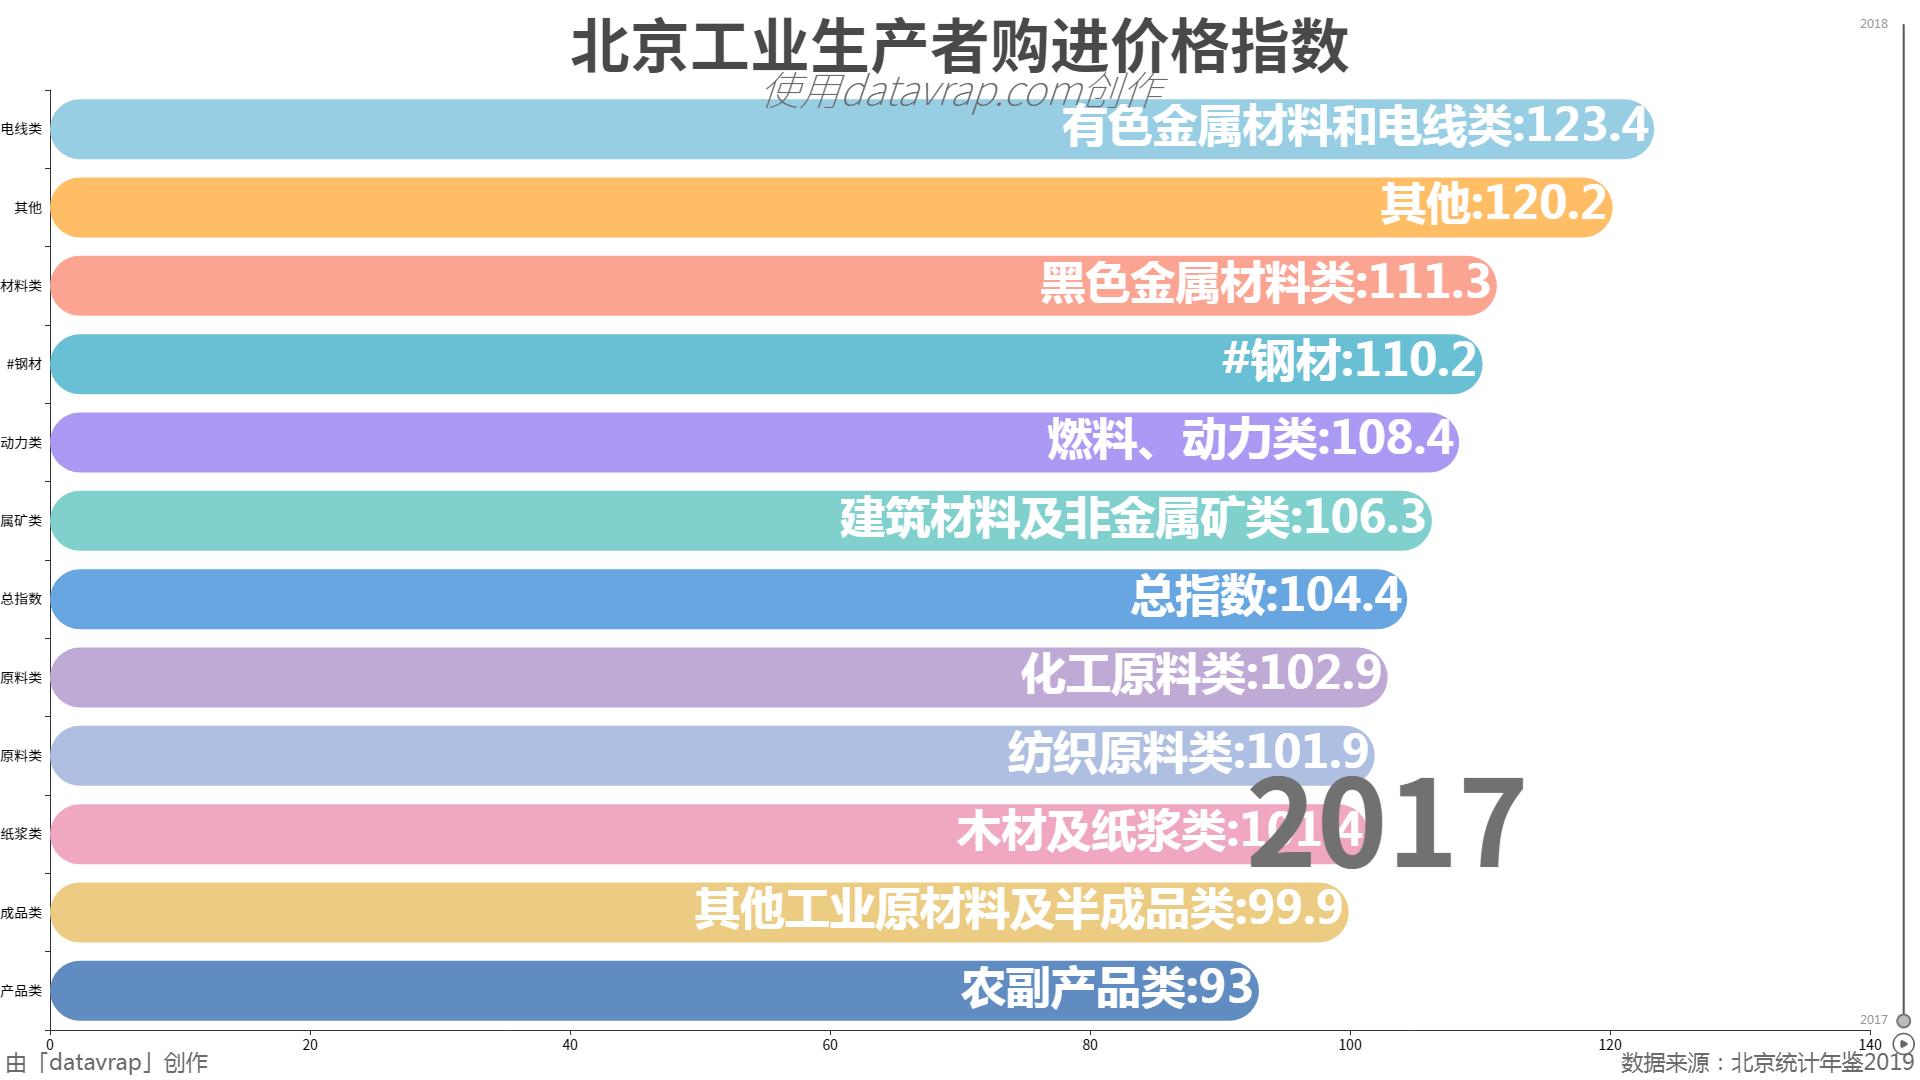 北京工业生产者购进价格指数